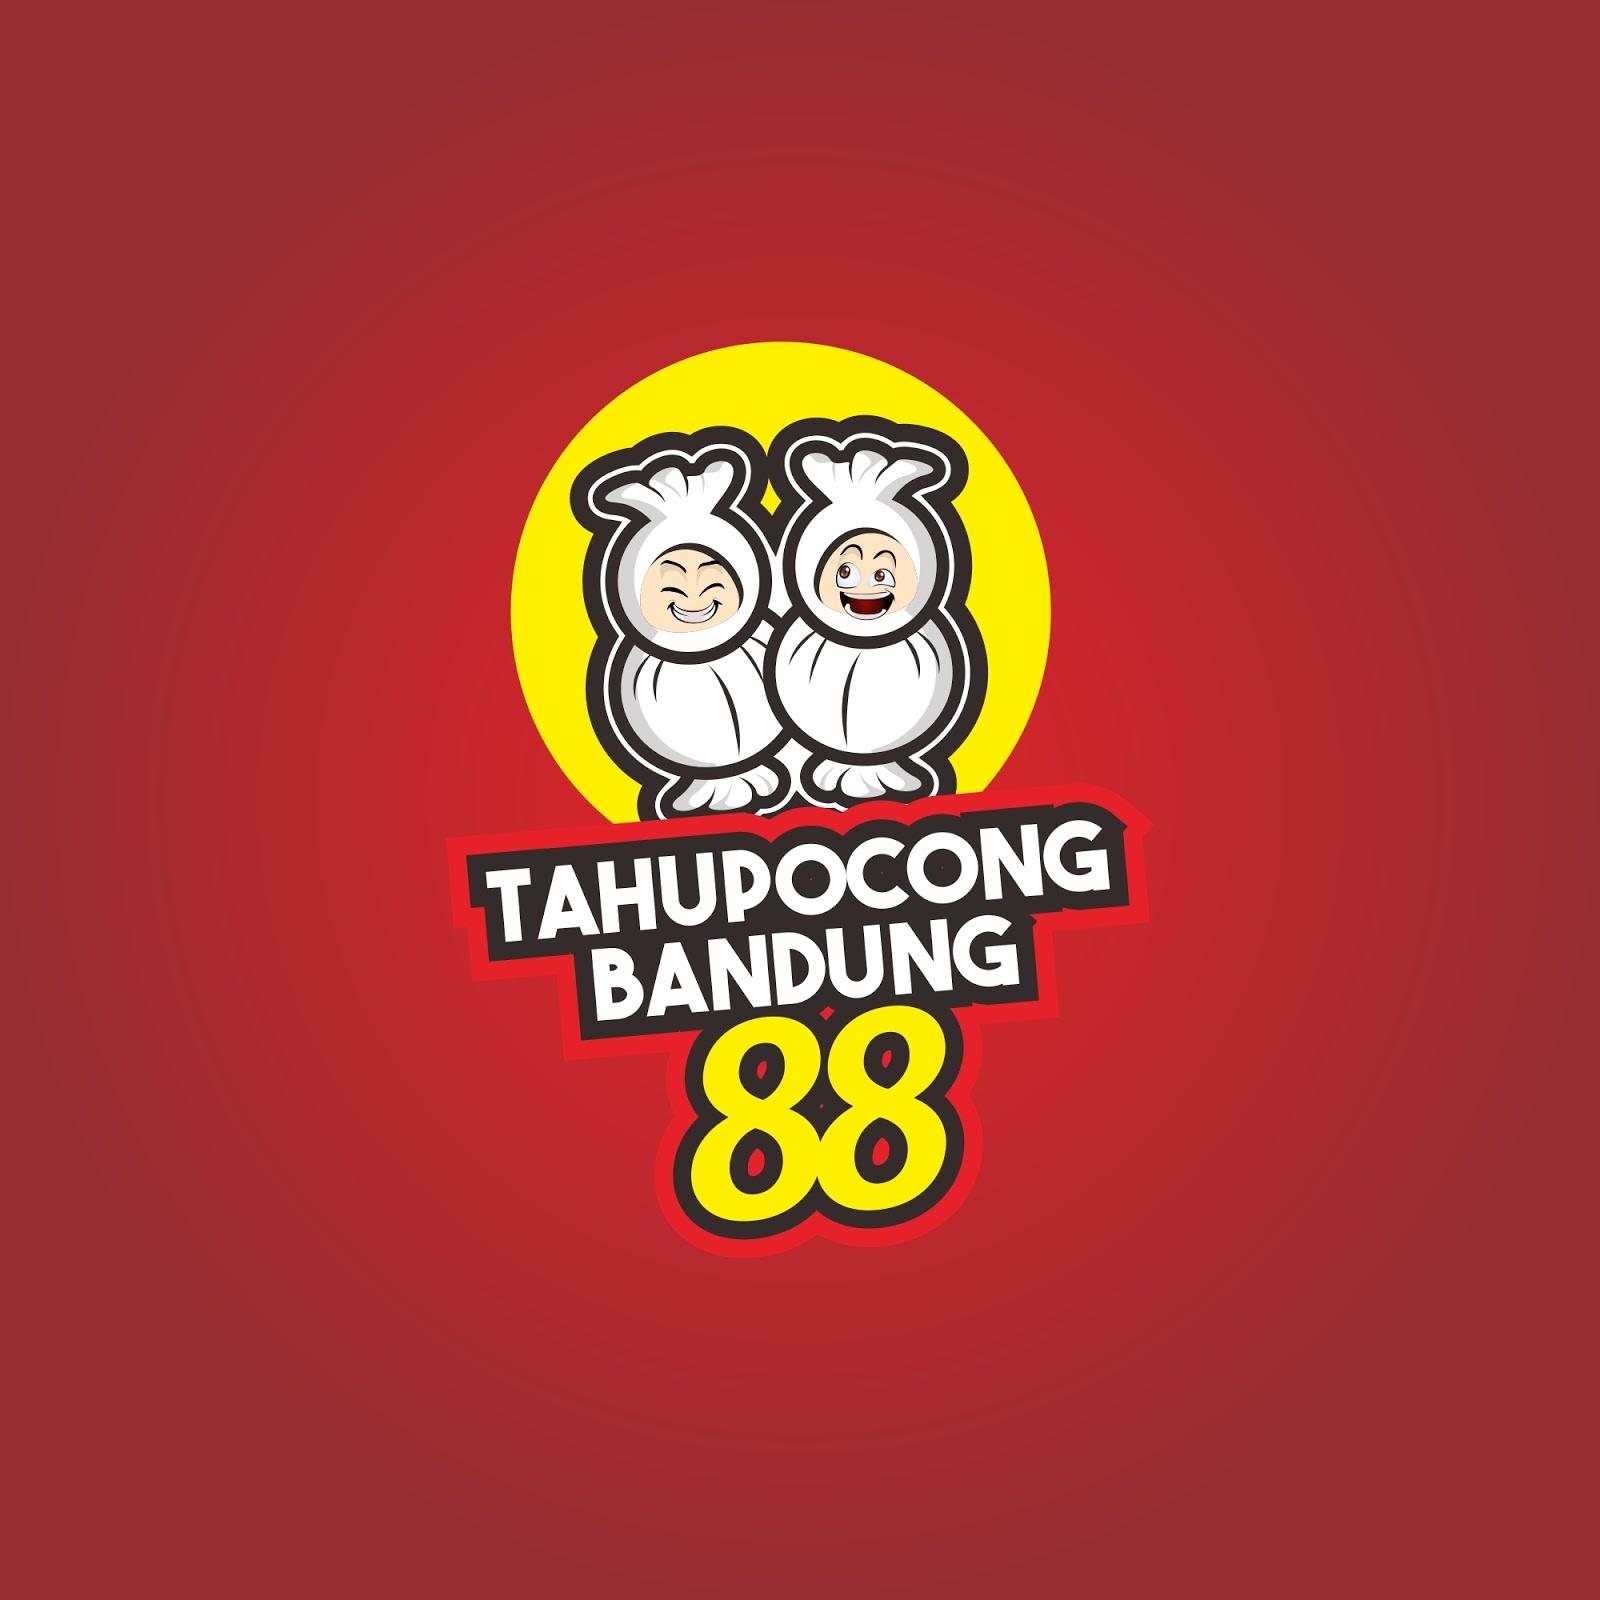 53+ Gambar Tahu Pocong Paling Bagus